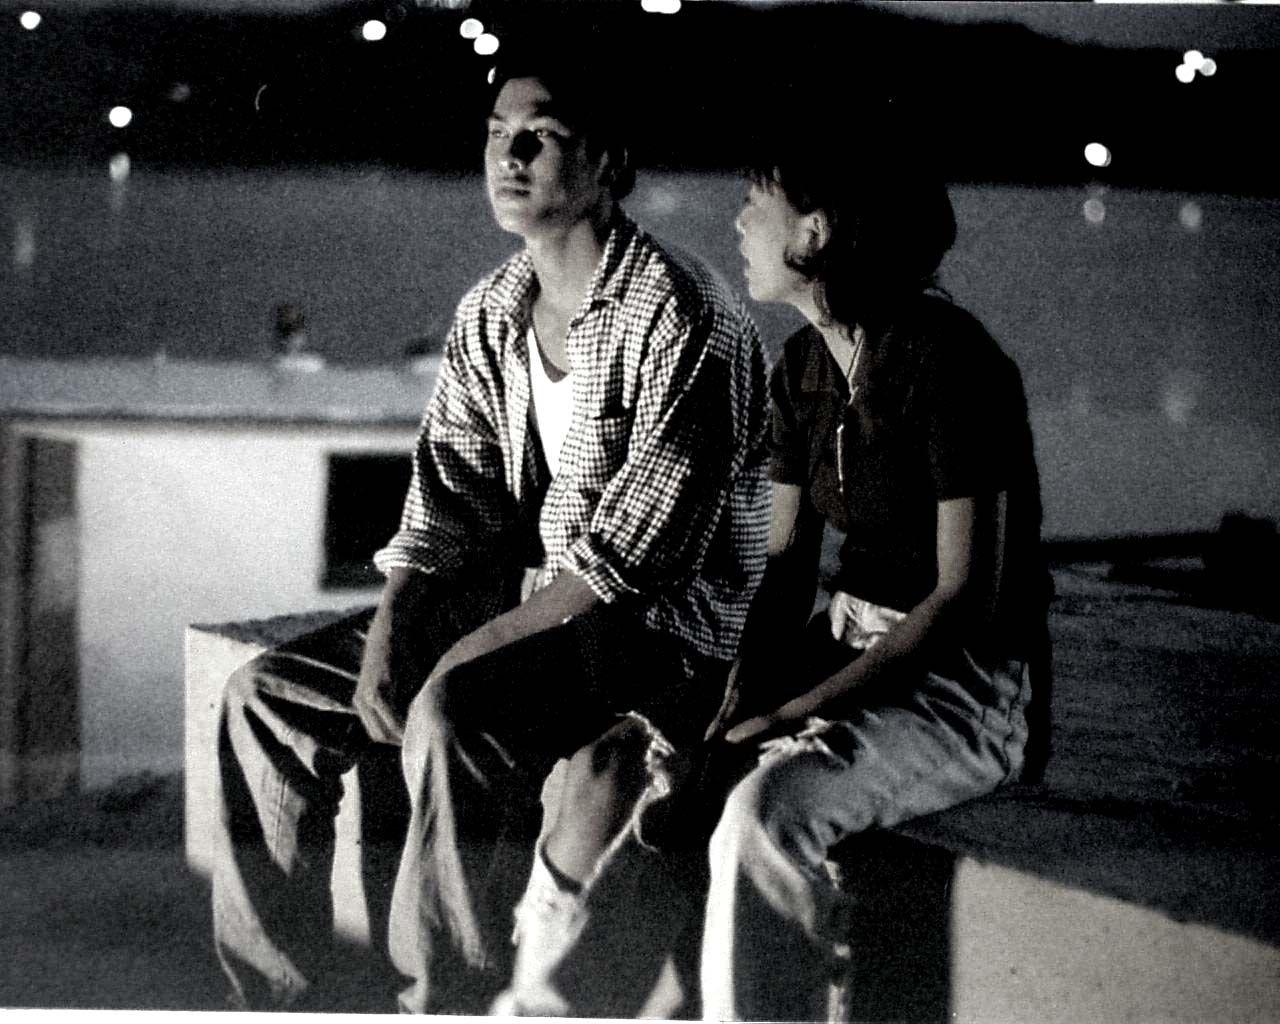 電影《黑暗之光》劇照(照片來源:張作驥電影工作室)